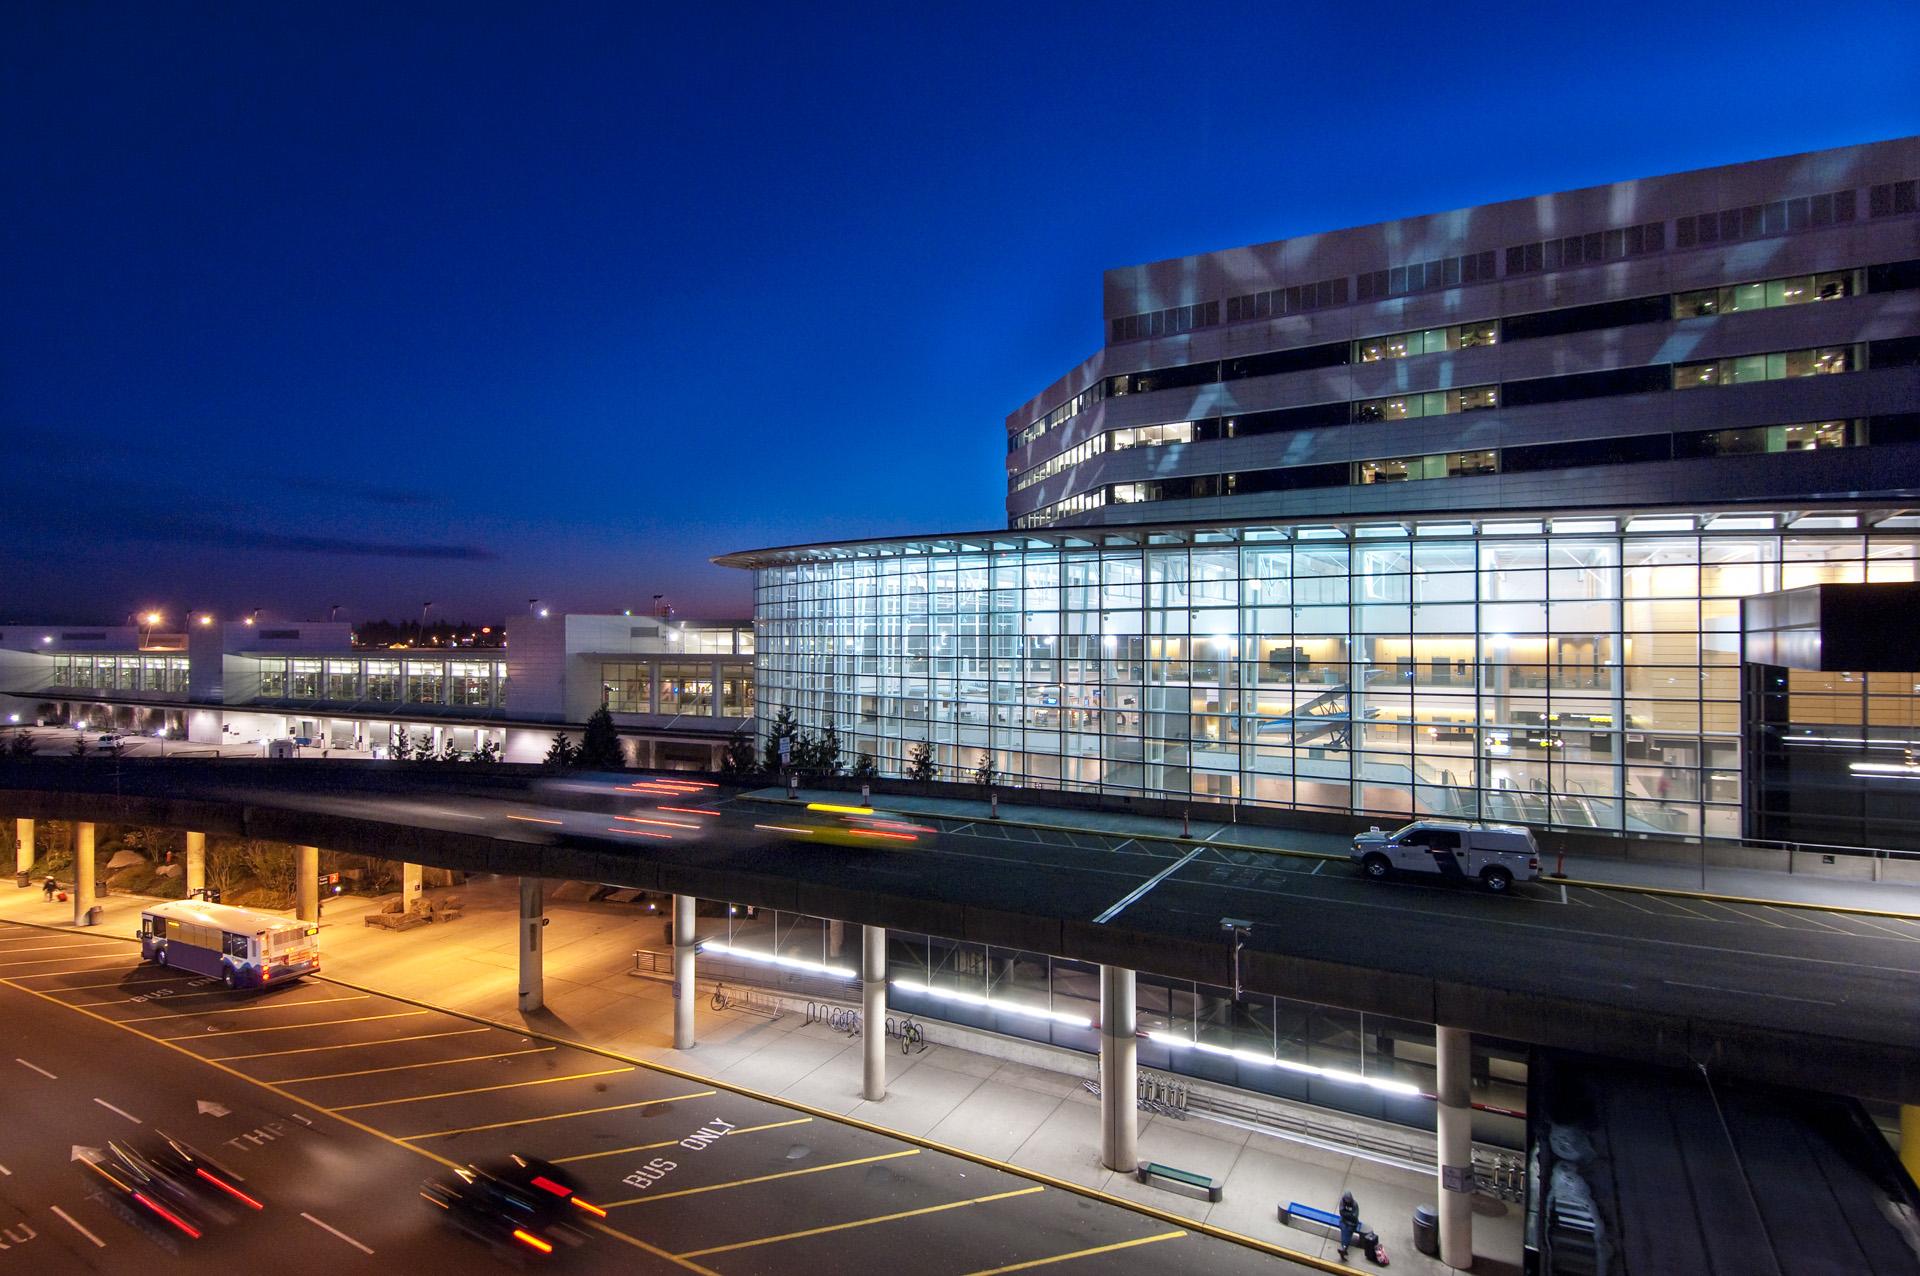 Car Rental Tacoma Wa: Automated Screening Lanes Installed At Seattle-Tacoma